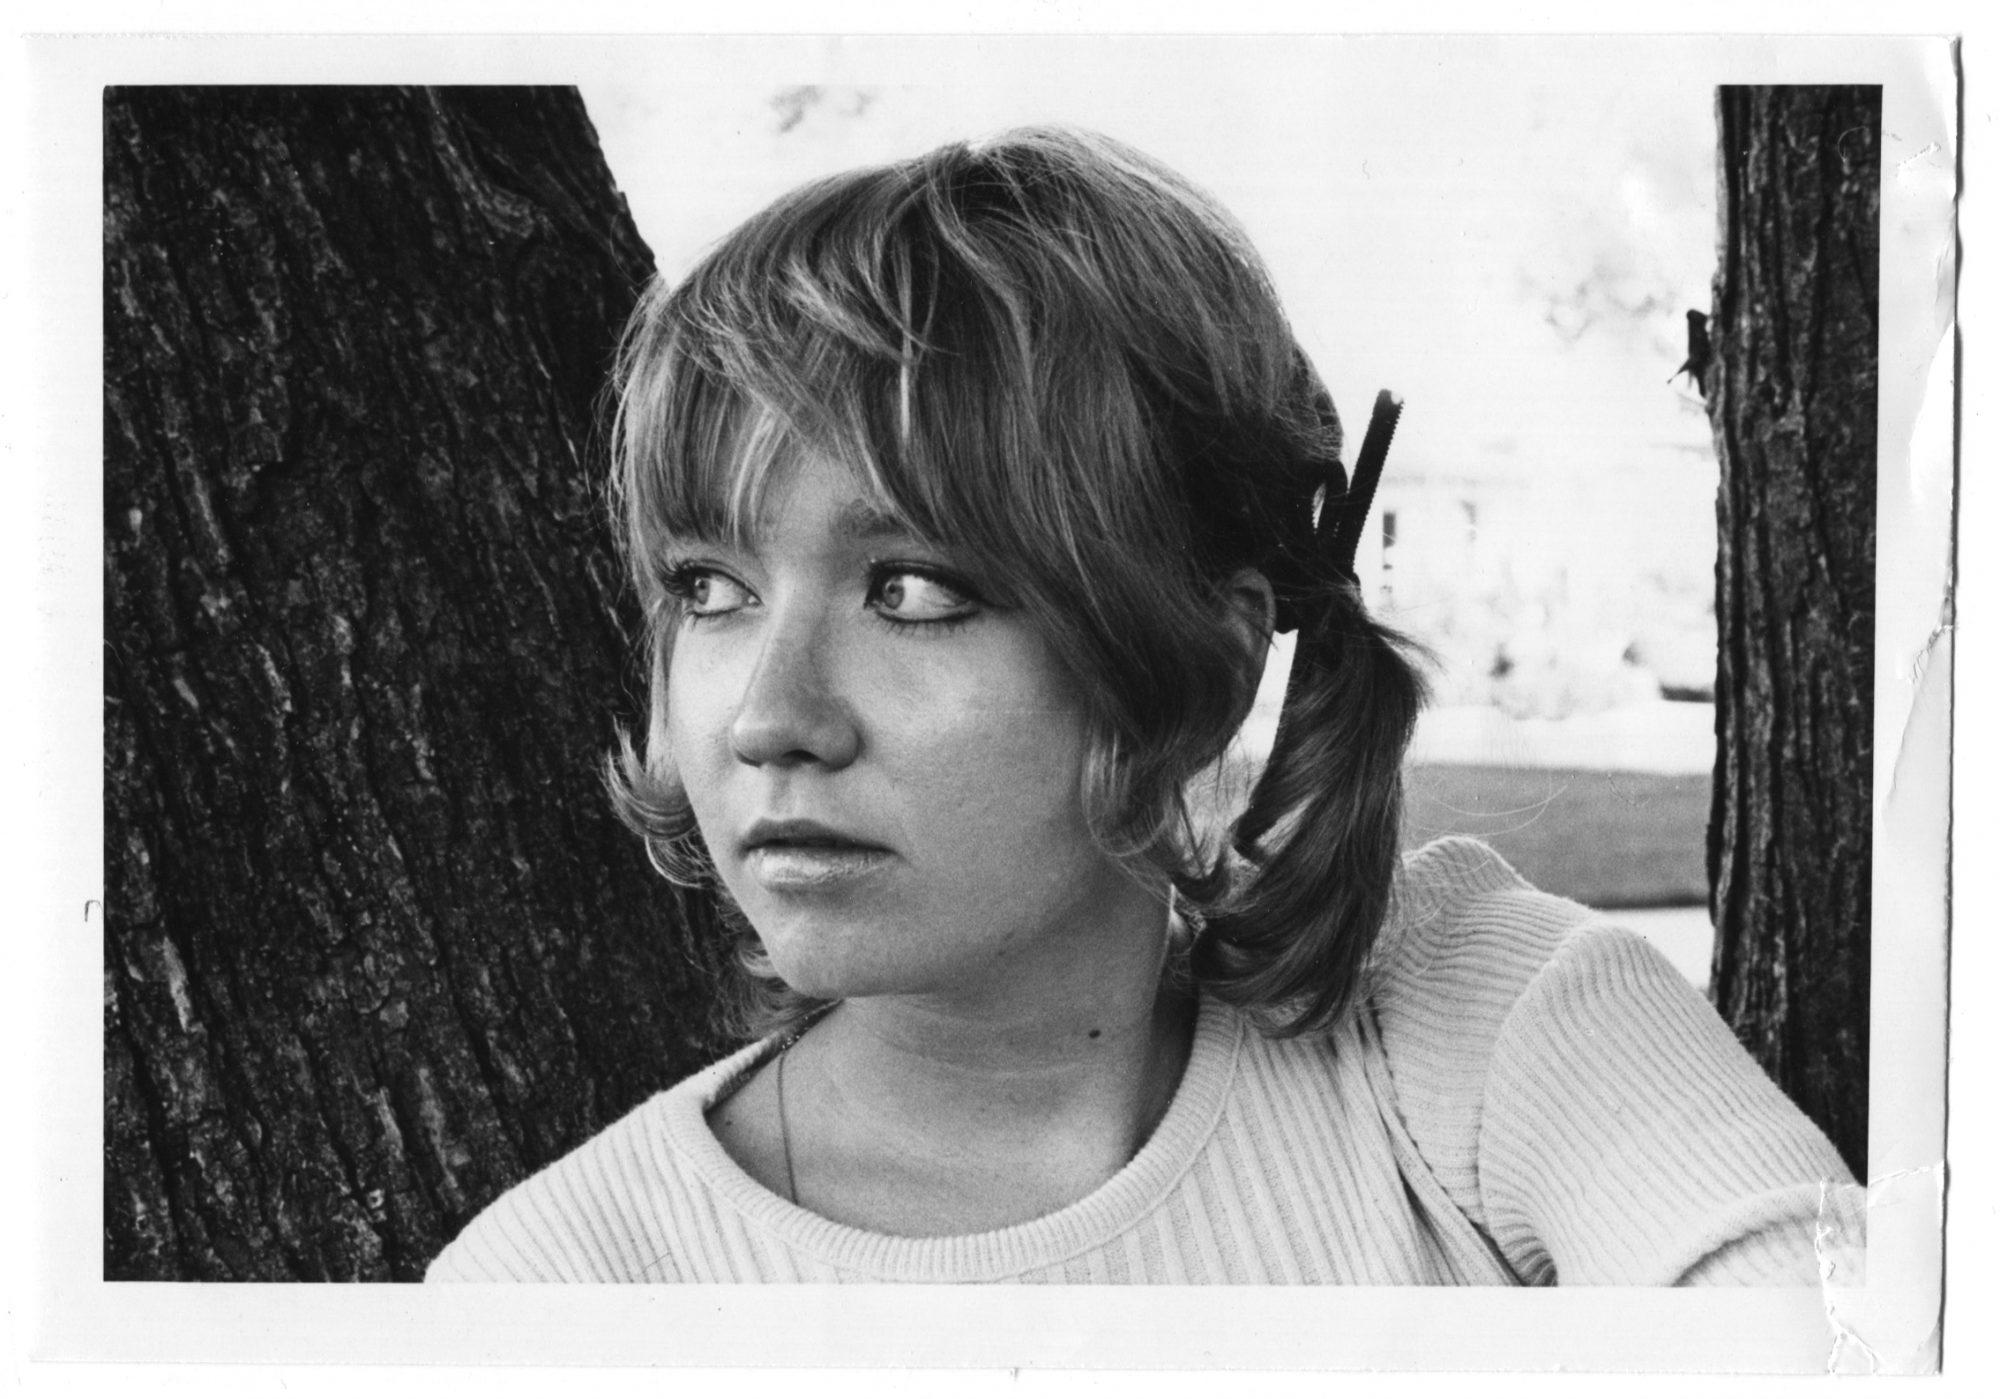 S.E. Hinton as a teen